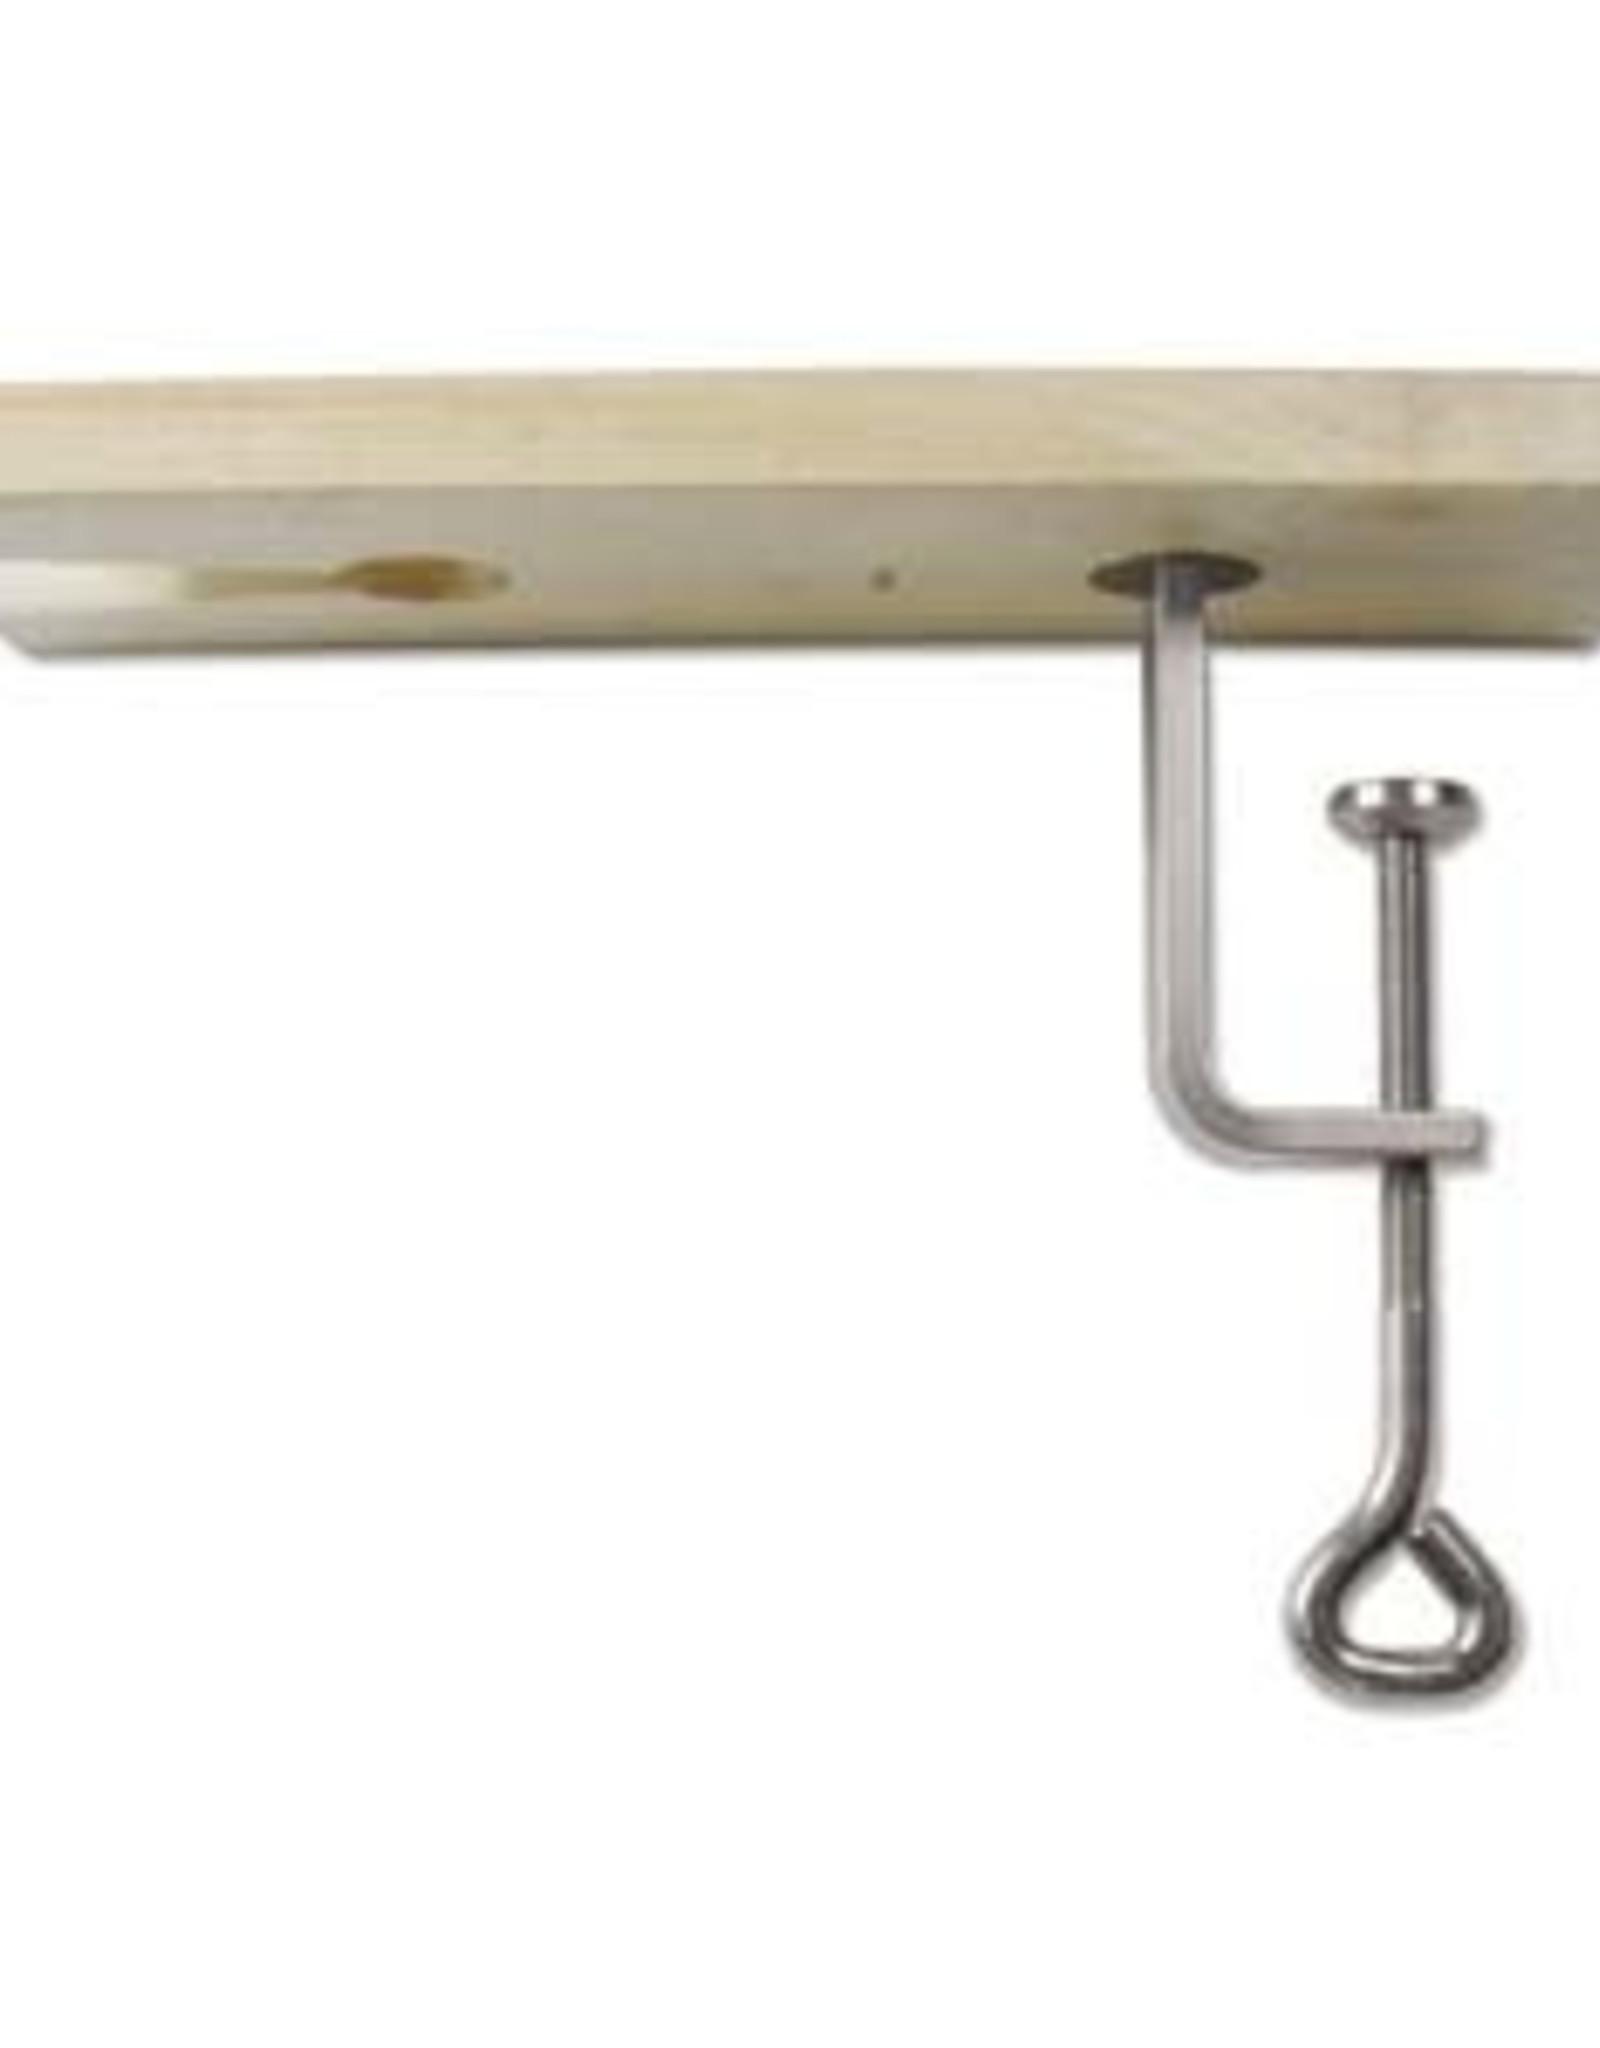 Bench Pin